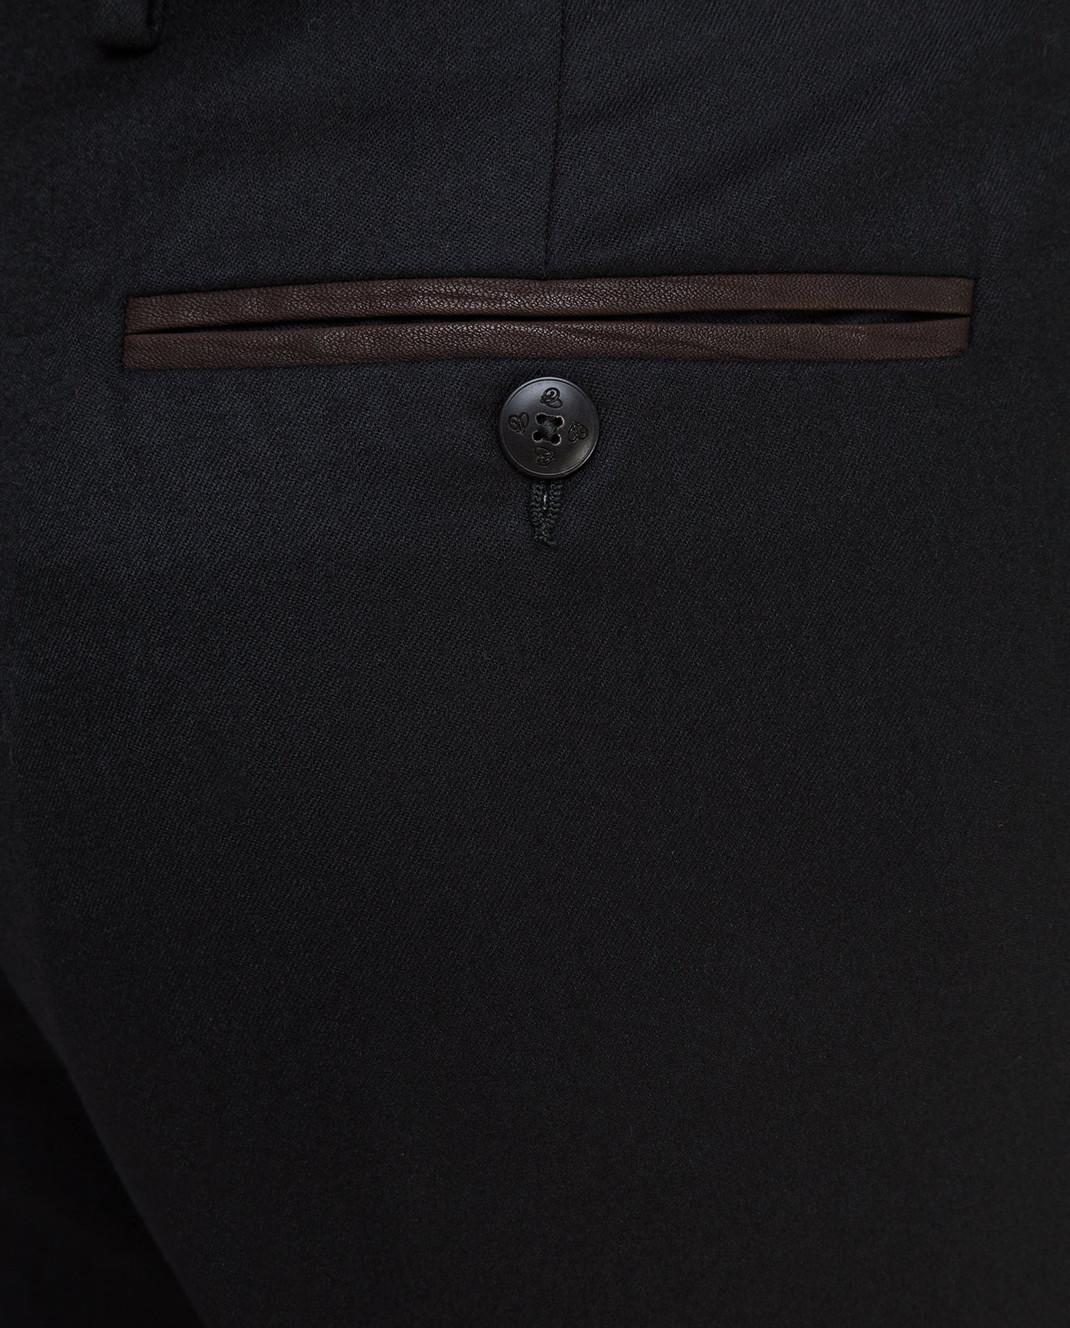 Castello d'Oro Черные брюки из шерсти изображение 5